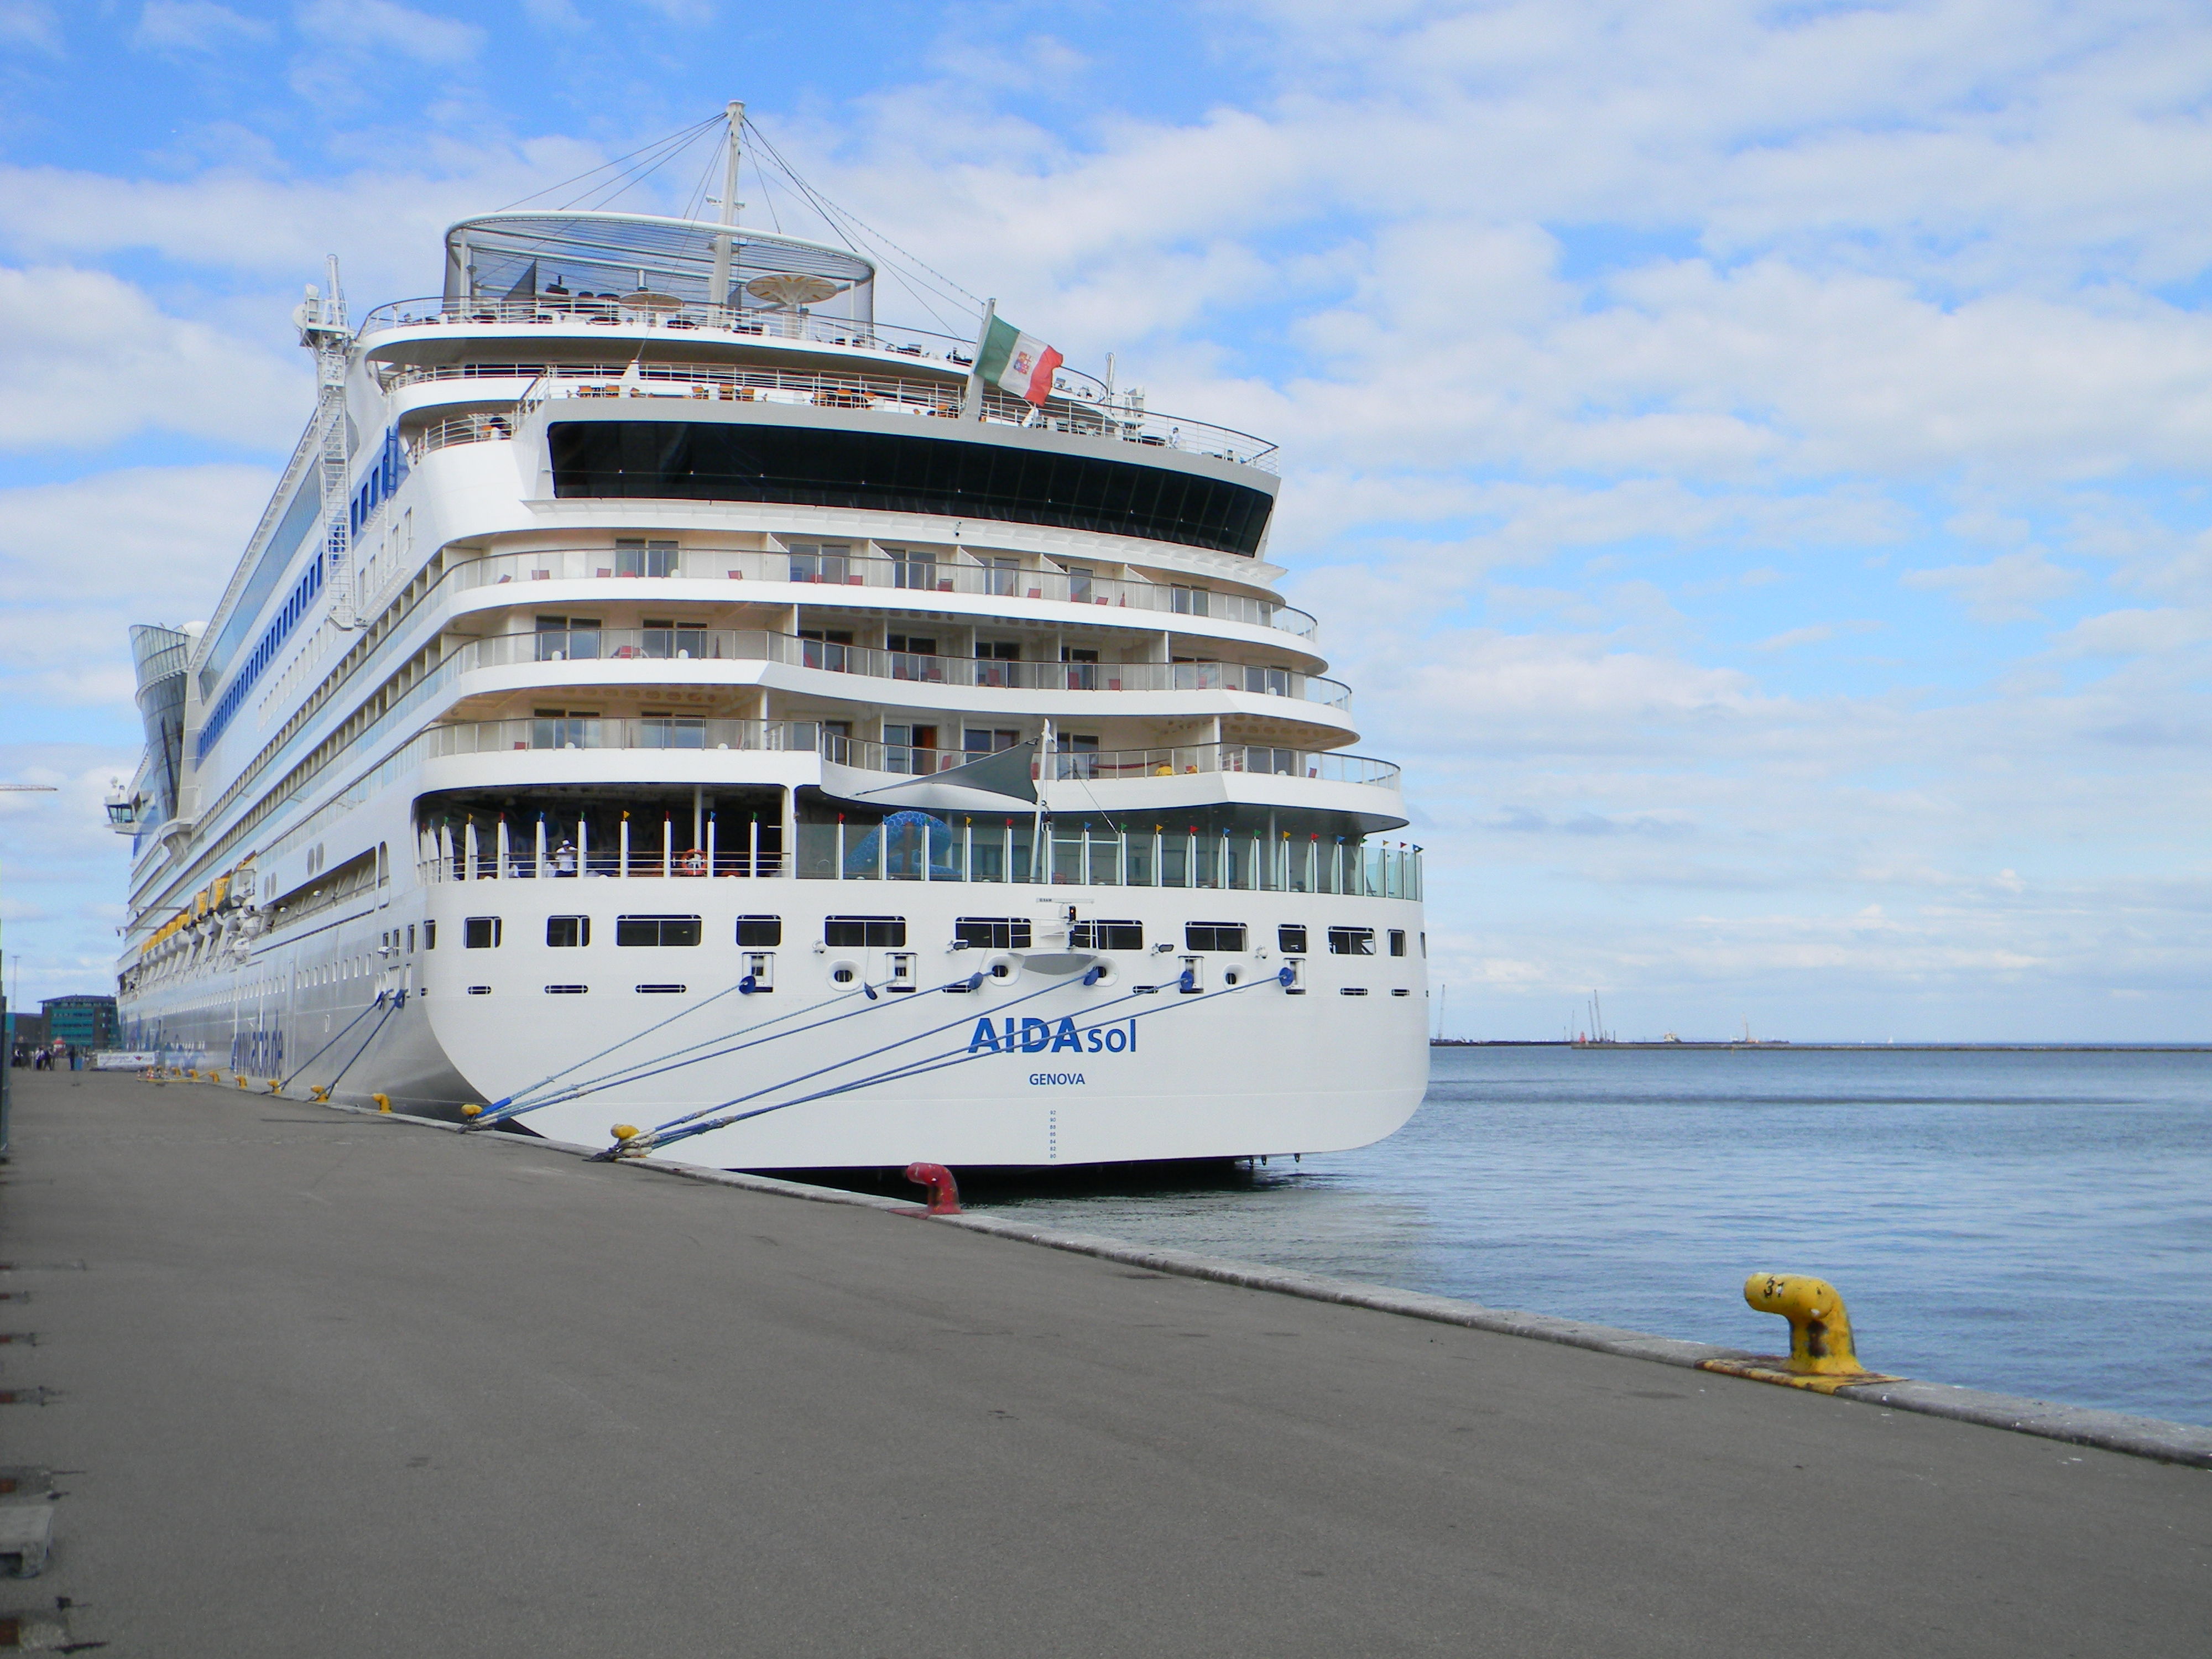 AIDA Kreuzfahrt Nordsee